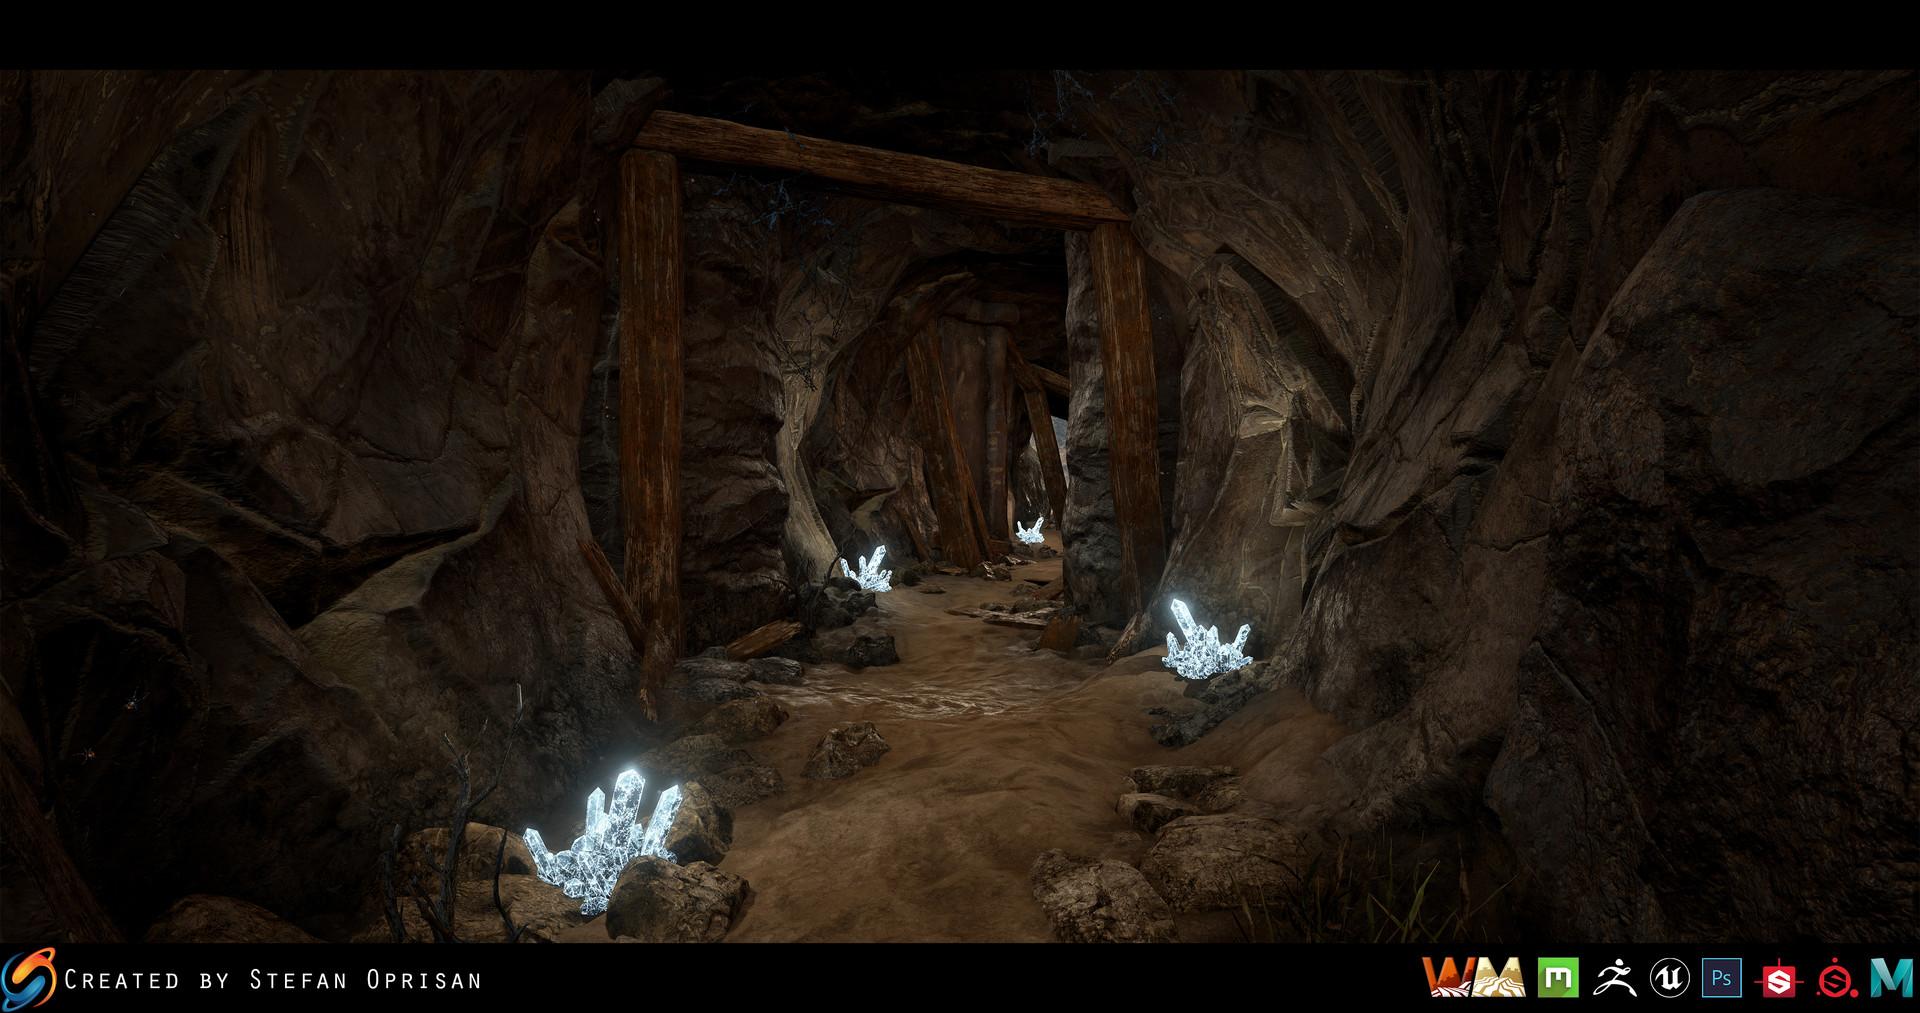 Stefan oprisan tunnel 2